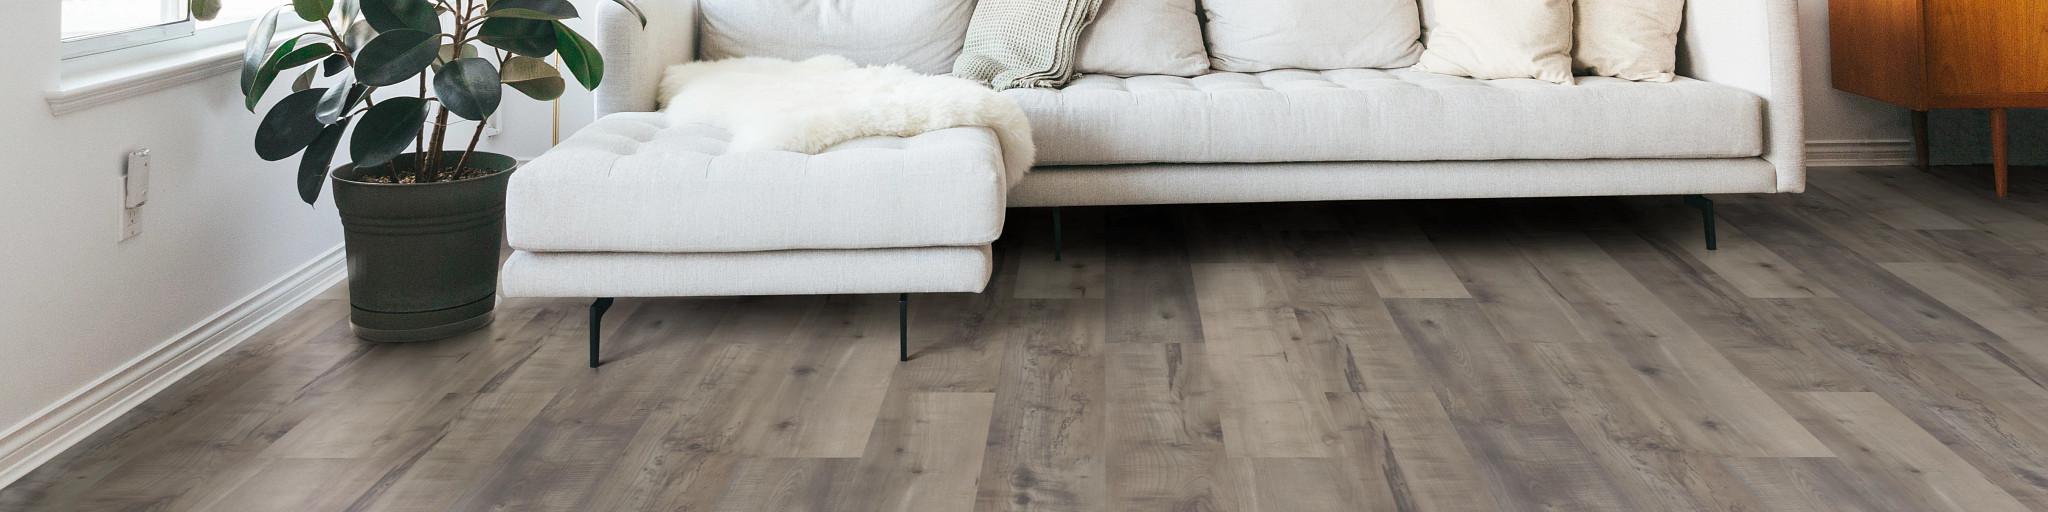 Laminate-Vogue-SL445-05049-Dusk-Living-Room-2021